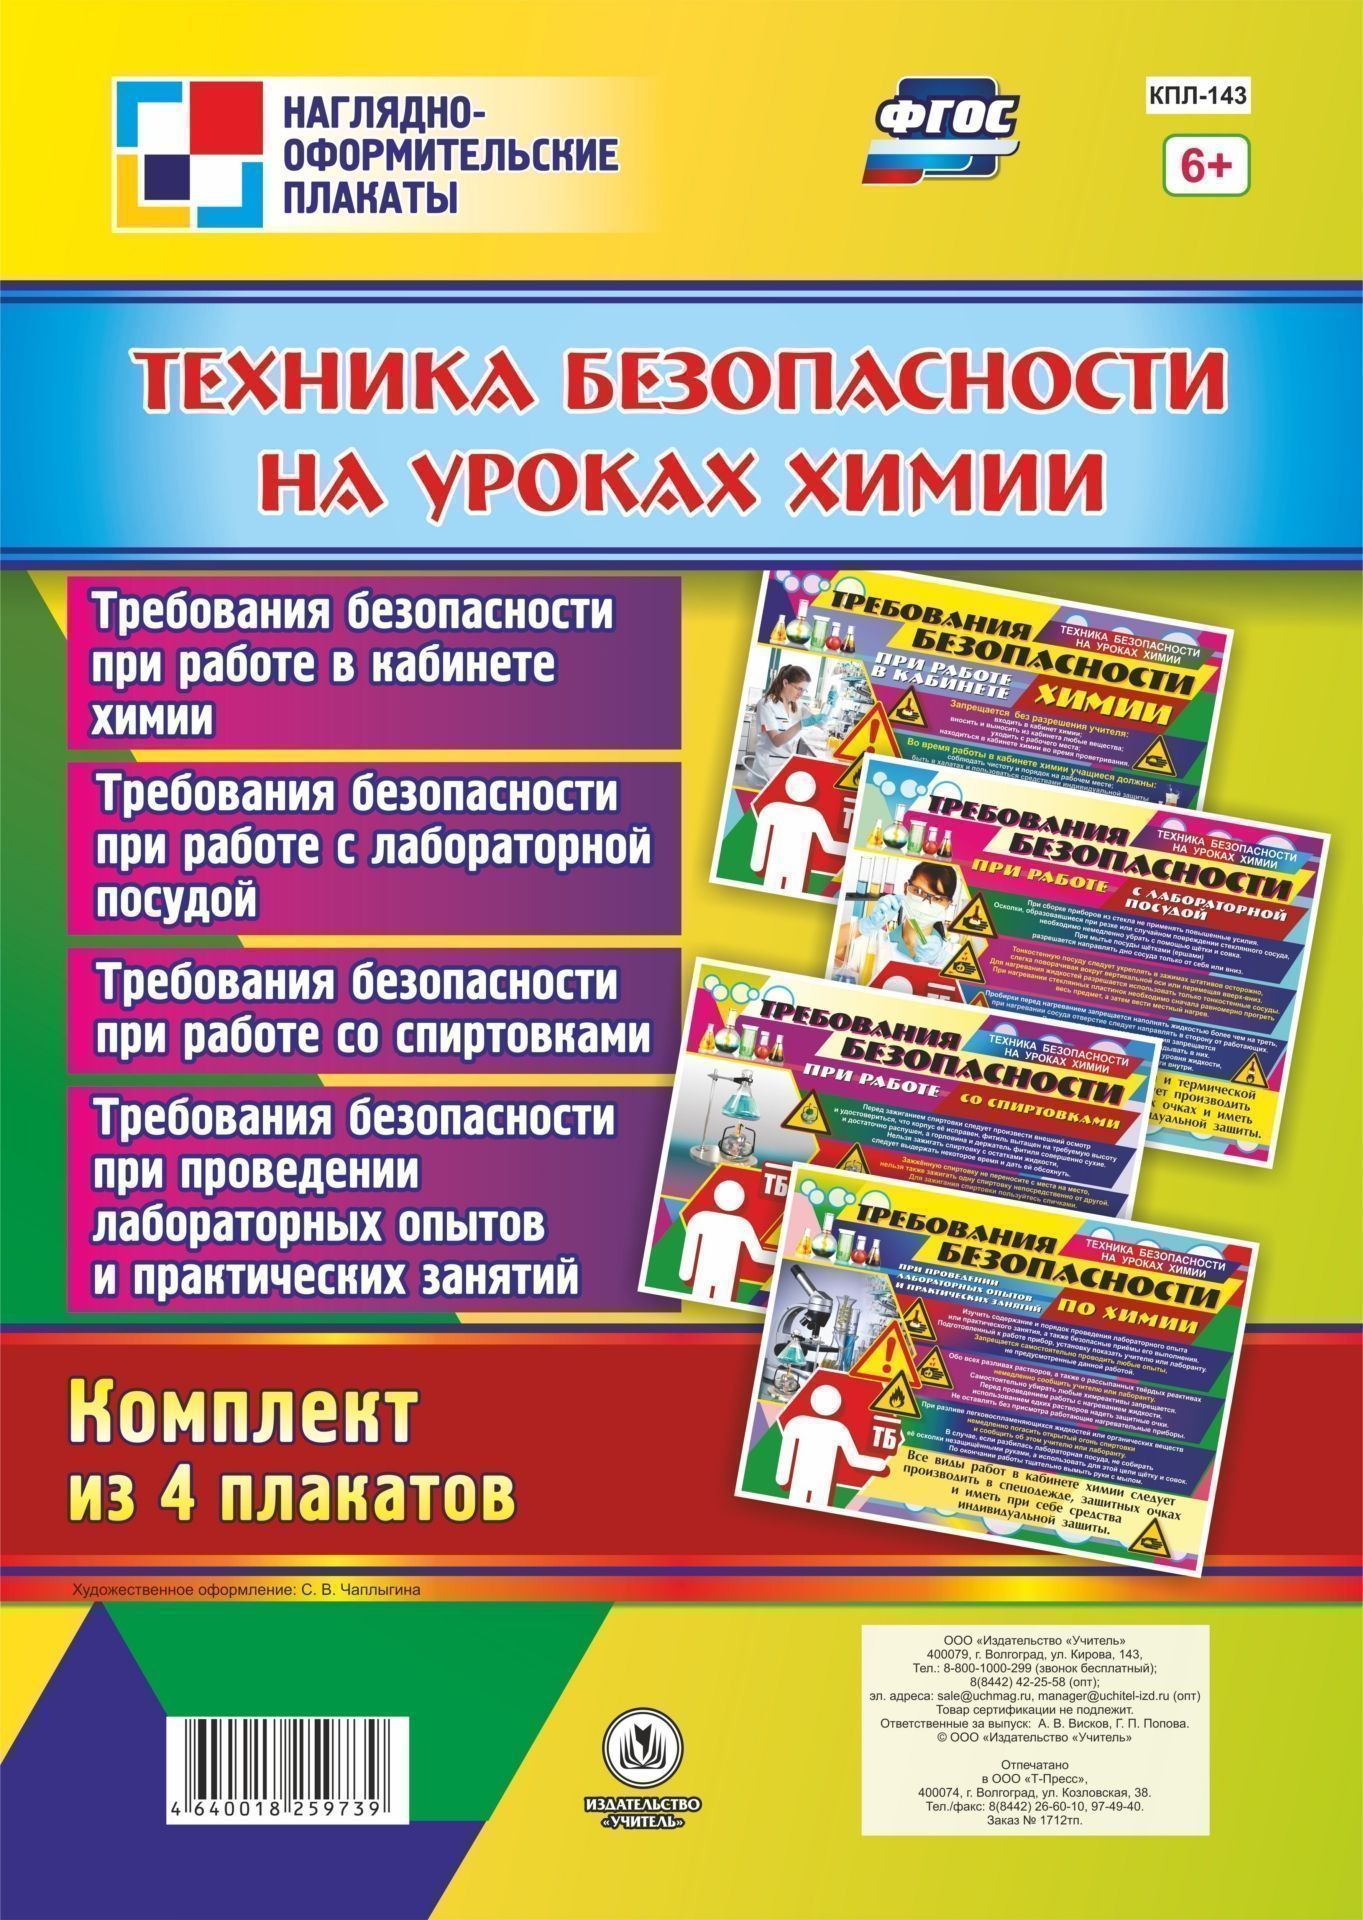 Комплект плакатов Техника безопасности на уроках химииТематические плакаты<br>.<br><br>Год: 2017<br>Серия: Наглядно-оформительские плакаты<br>Высота: 297<br>Ширина: 420<br>Переплёт: набор